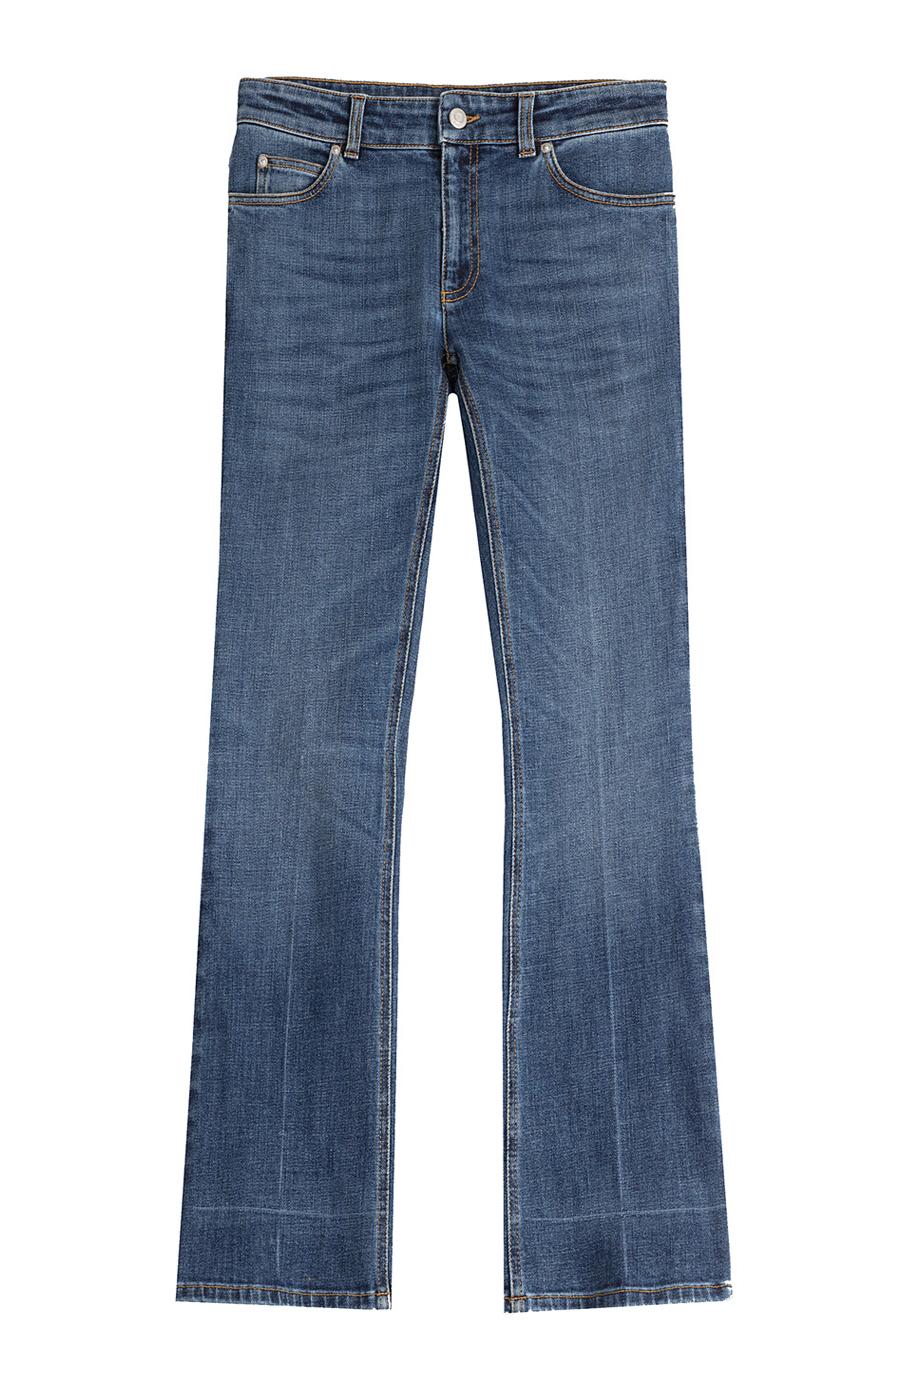 Cropped Boyfriend Jeans in Blue